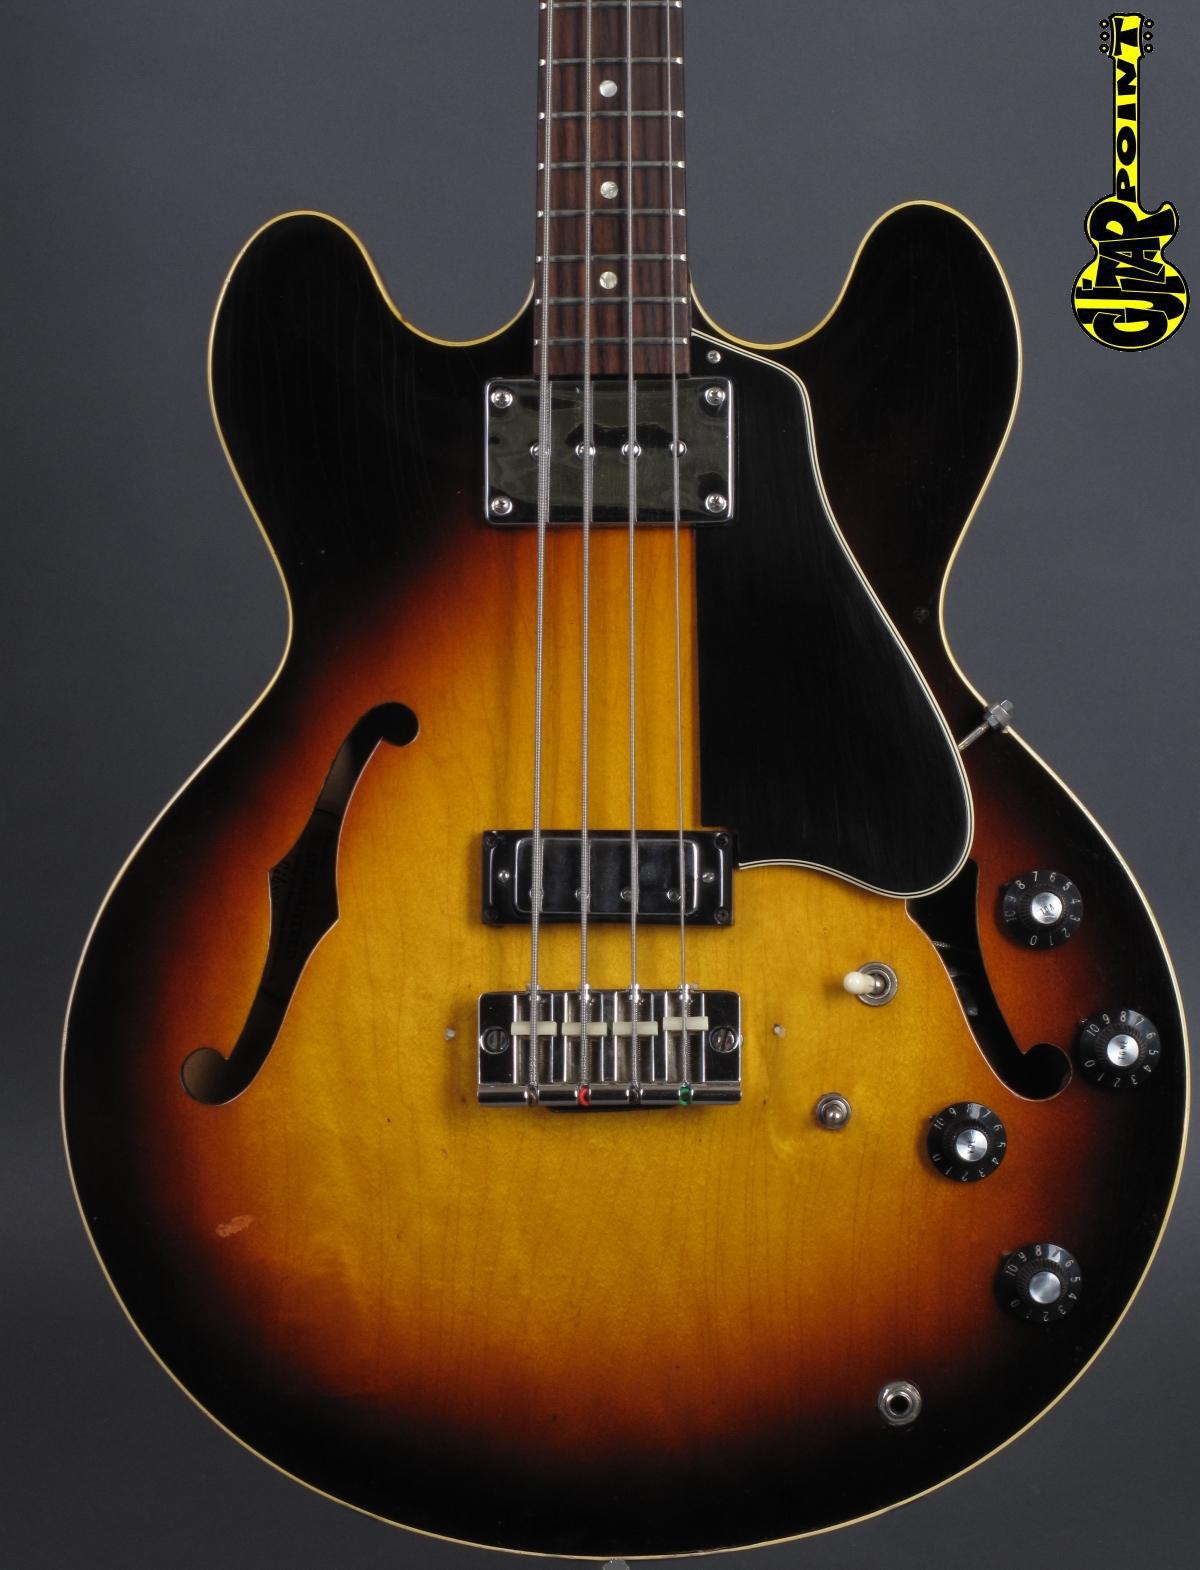 1968 Gibson EB-2D Bass - Sunburst